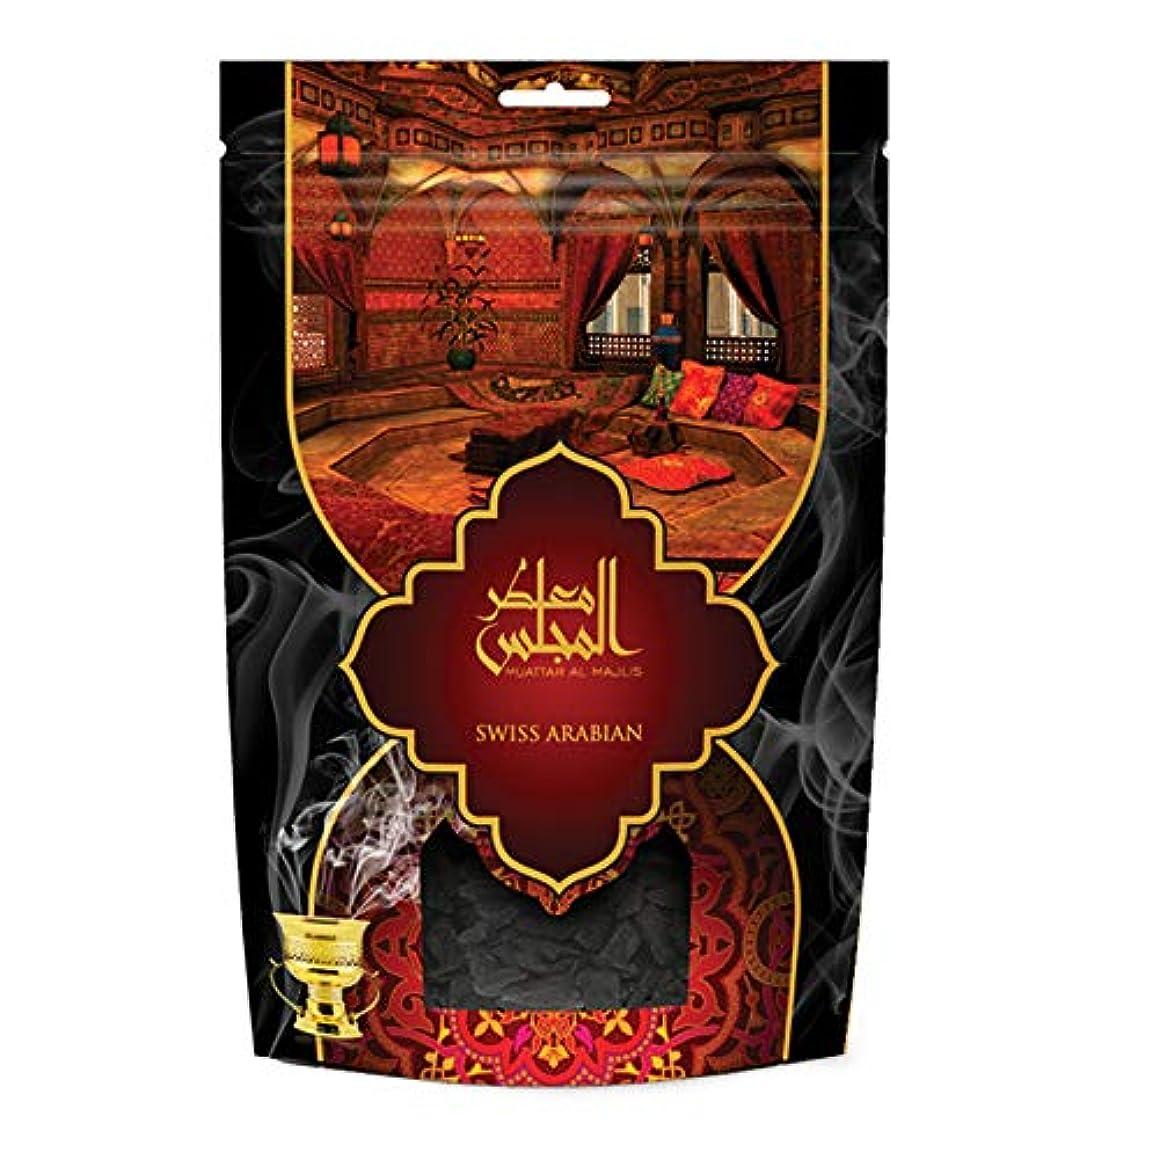 と遊ぶライブ勉強するswissarabian Muattar al Majlis (250g/.55 LB) Oudh Bakhoor Incense